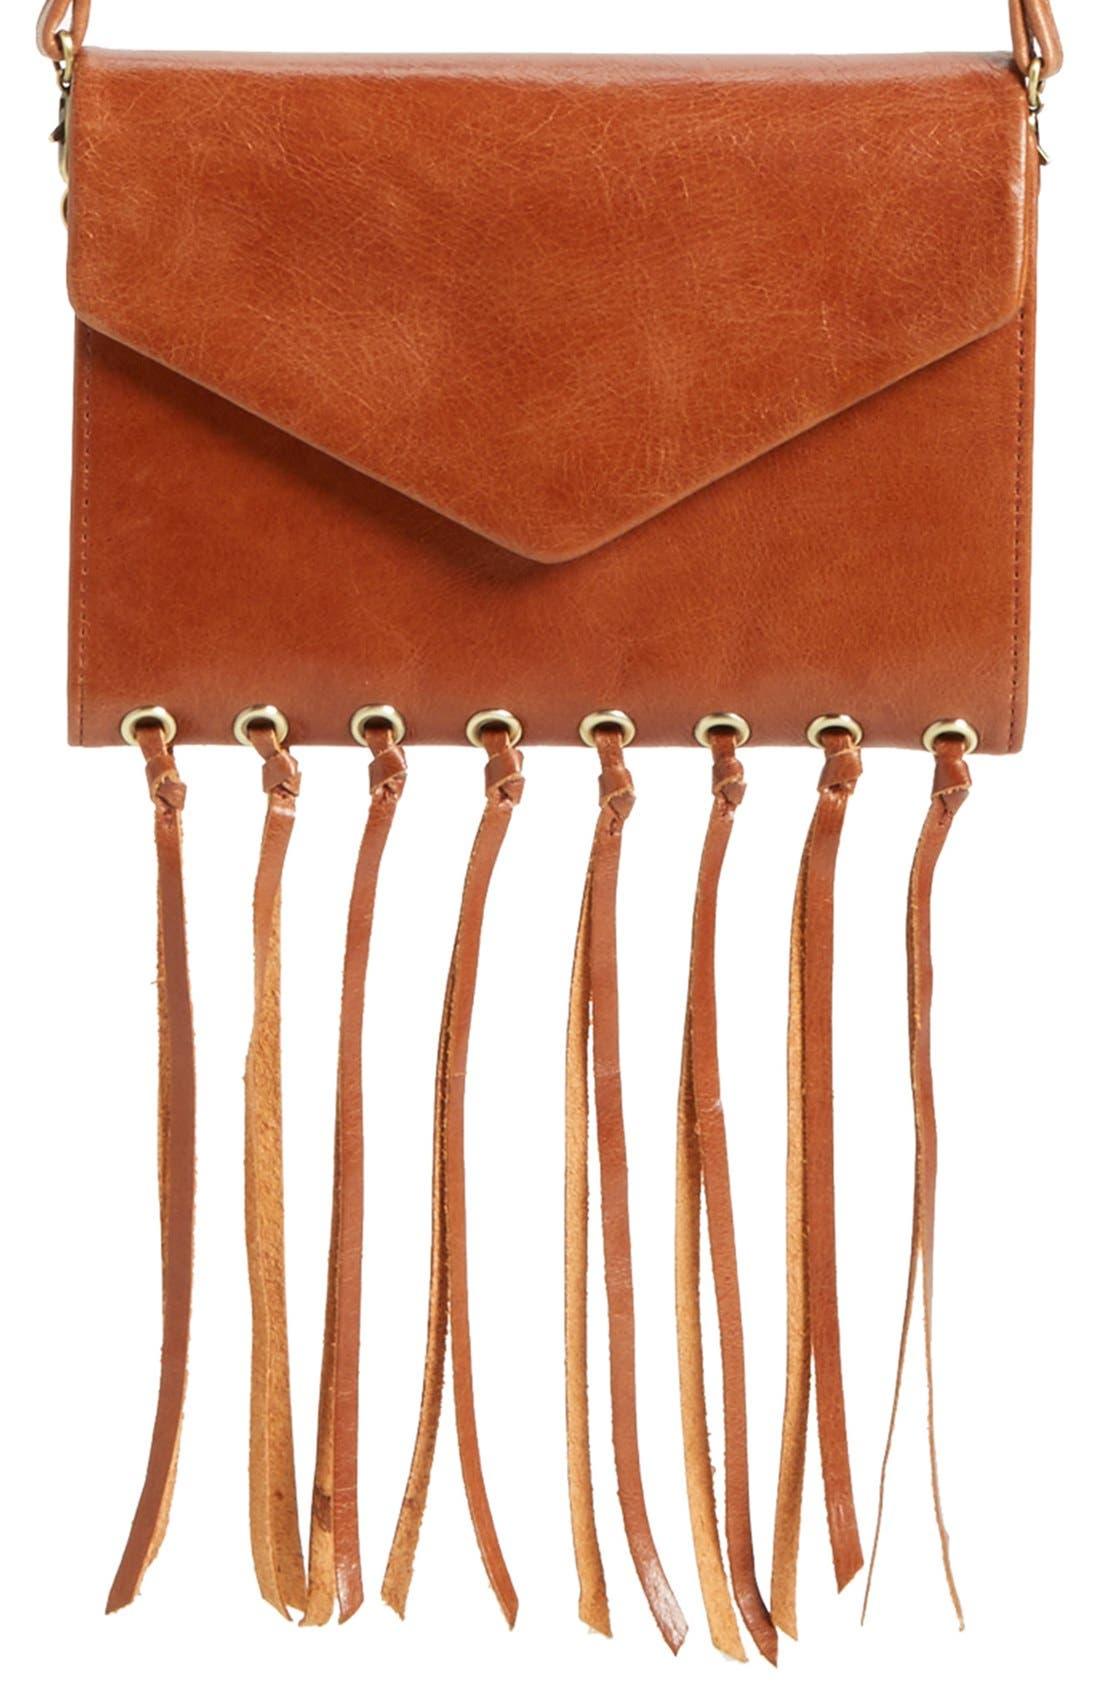 Main Image - Hobo 'Maisy' Glazed Leather Fringe Crossbody Bag